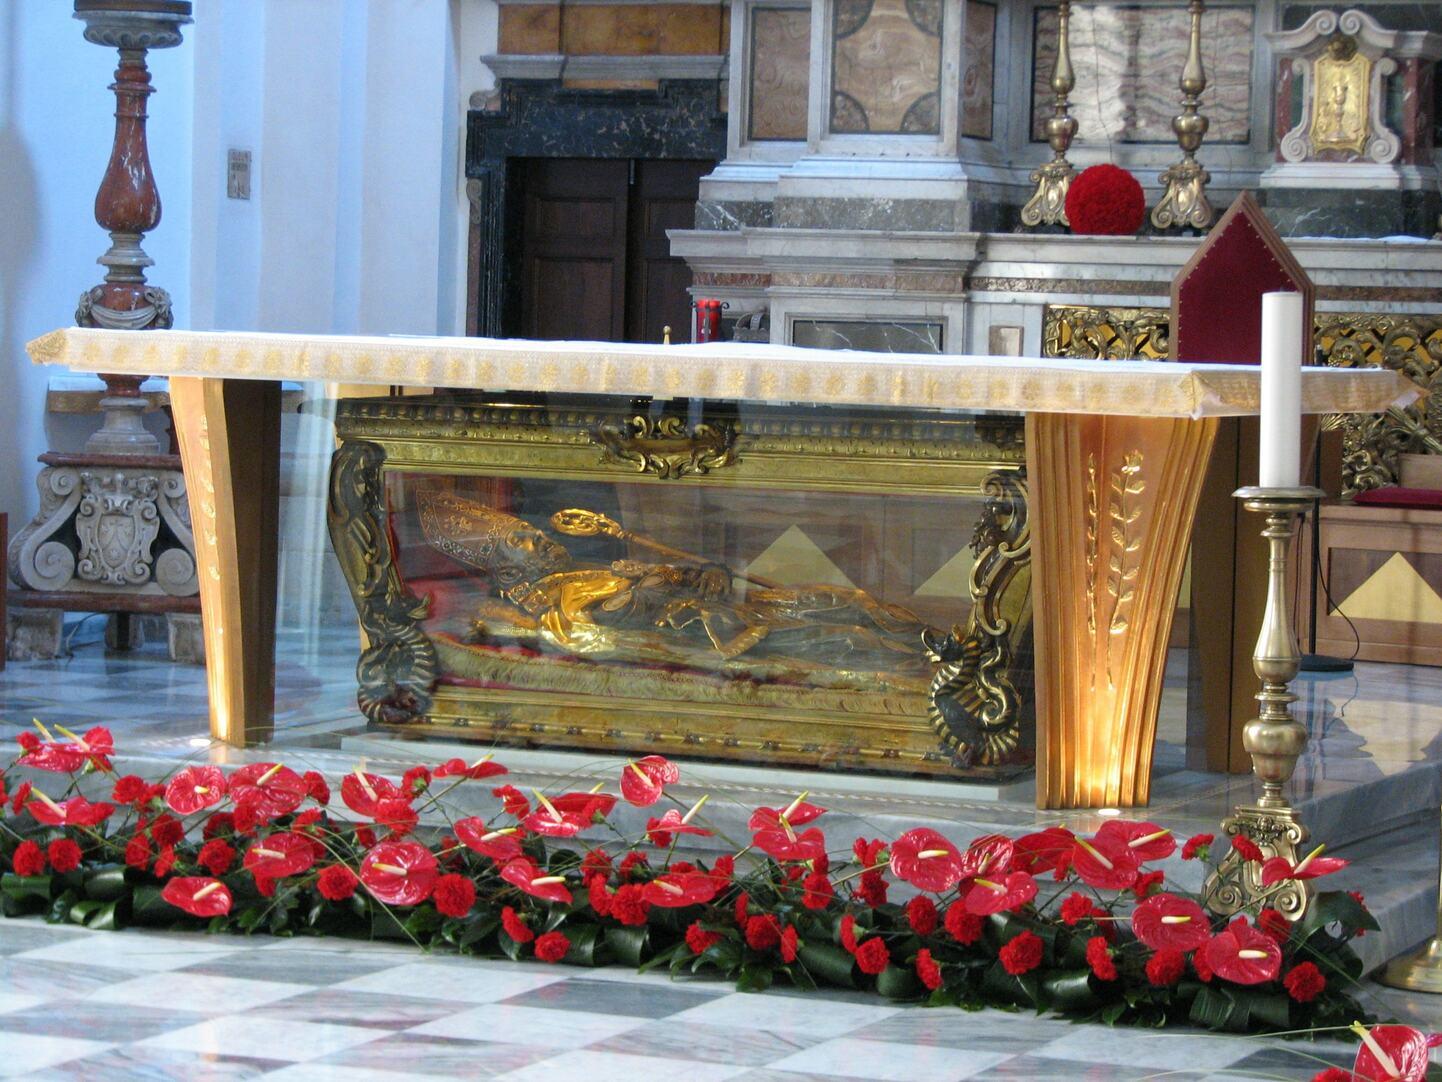 バレンタイン教会の祭壇の聖バレンタイン像 出典Wikipedia